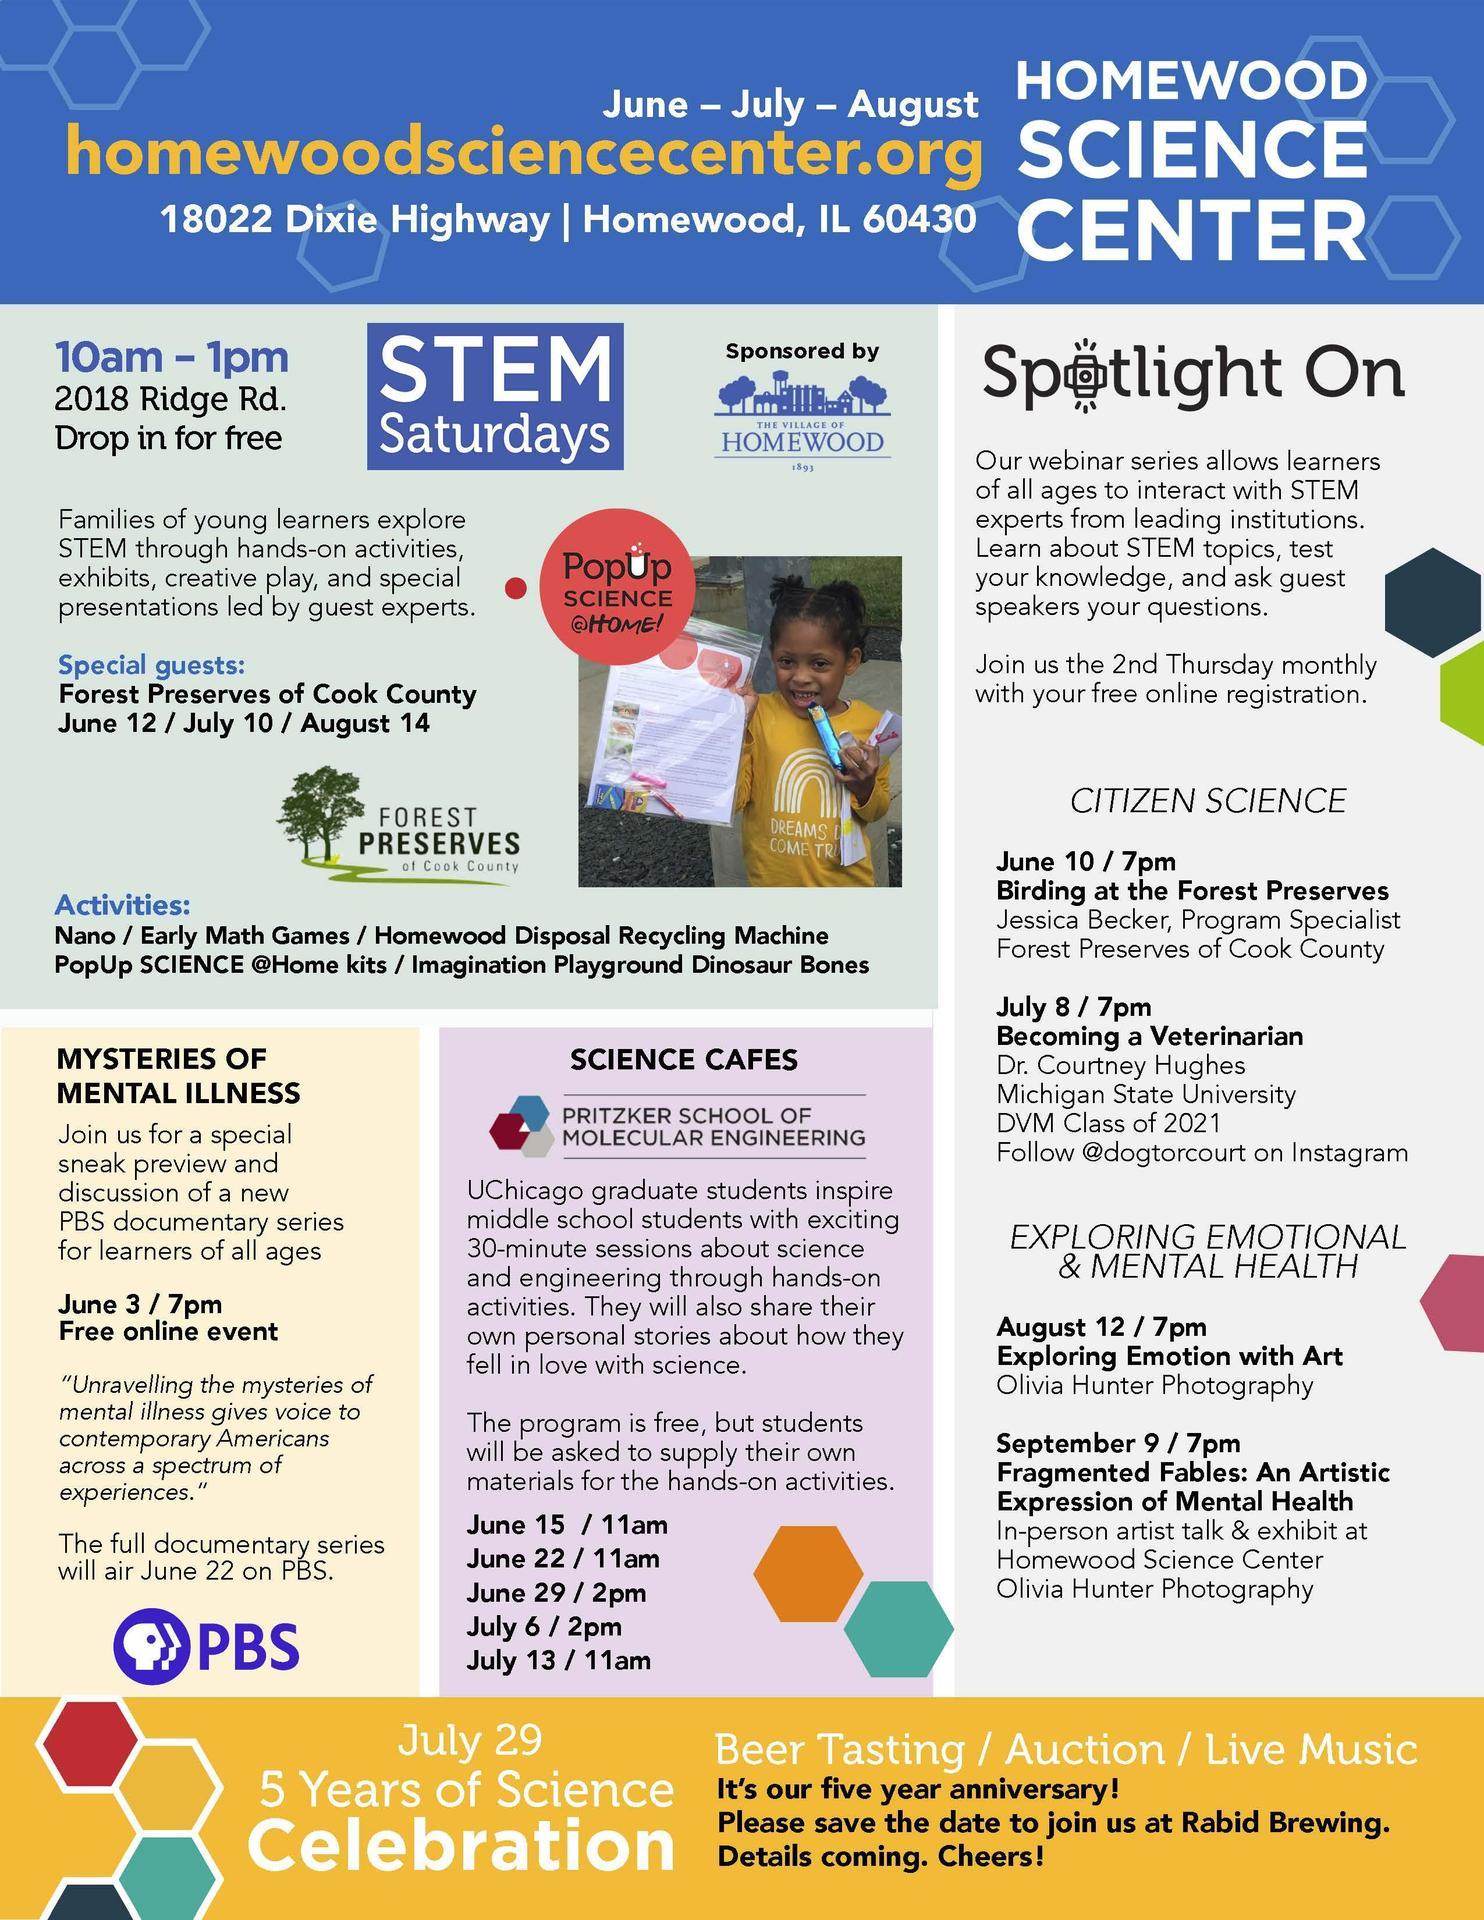 Homewood Science Center summer programs